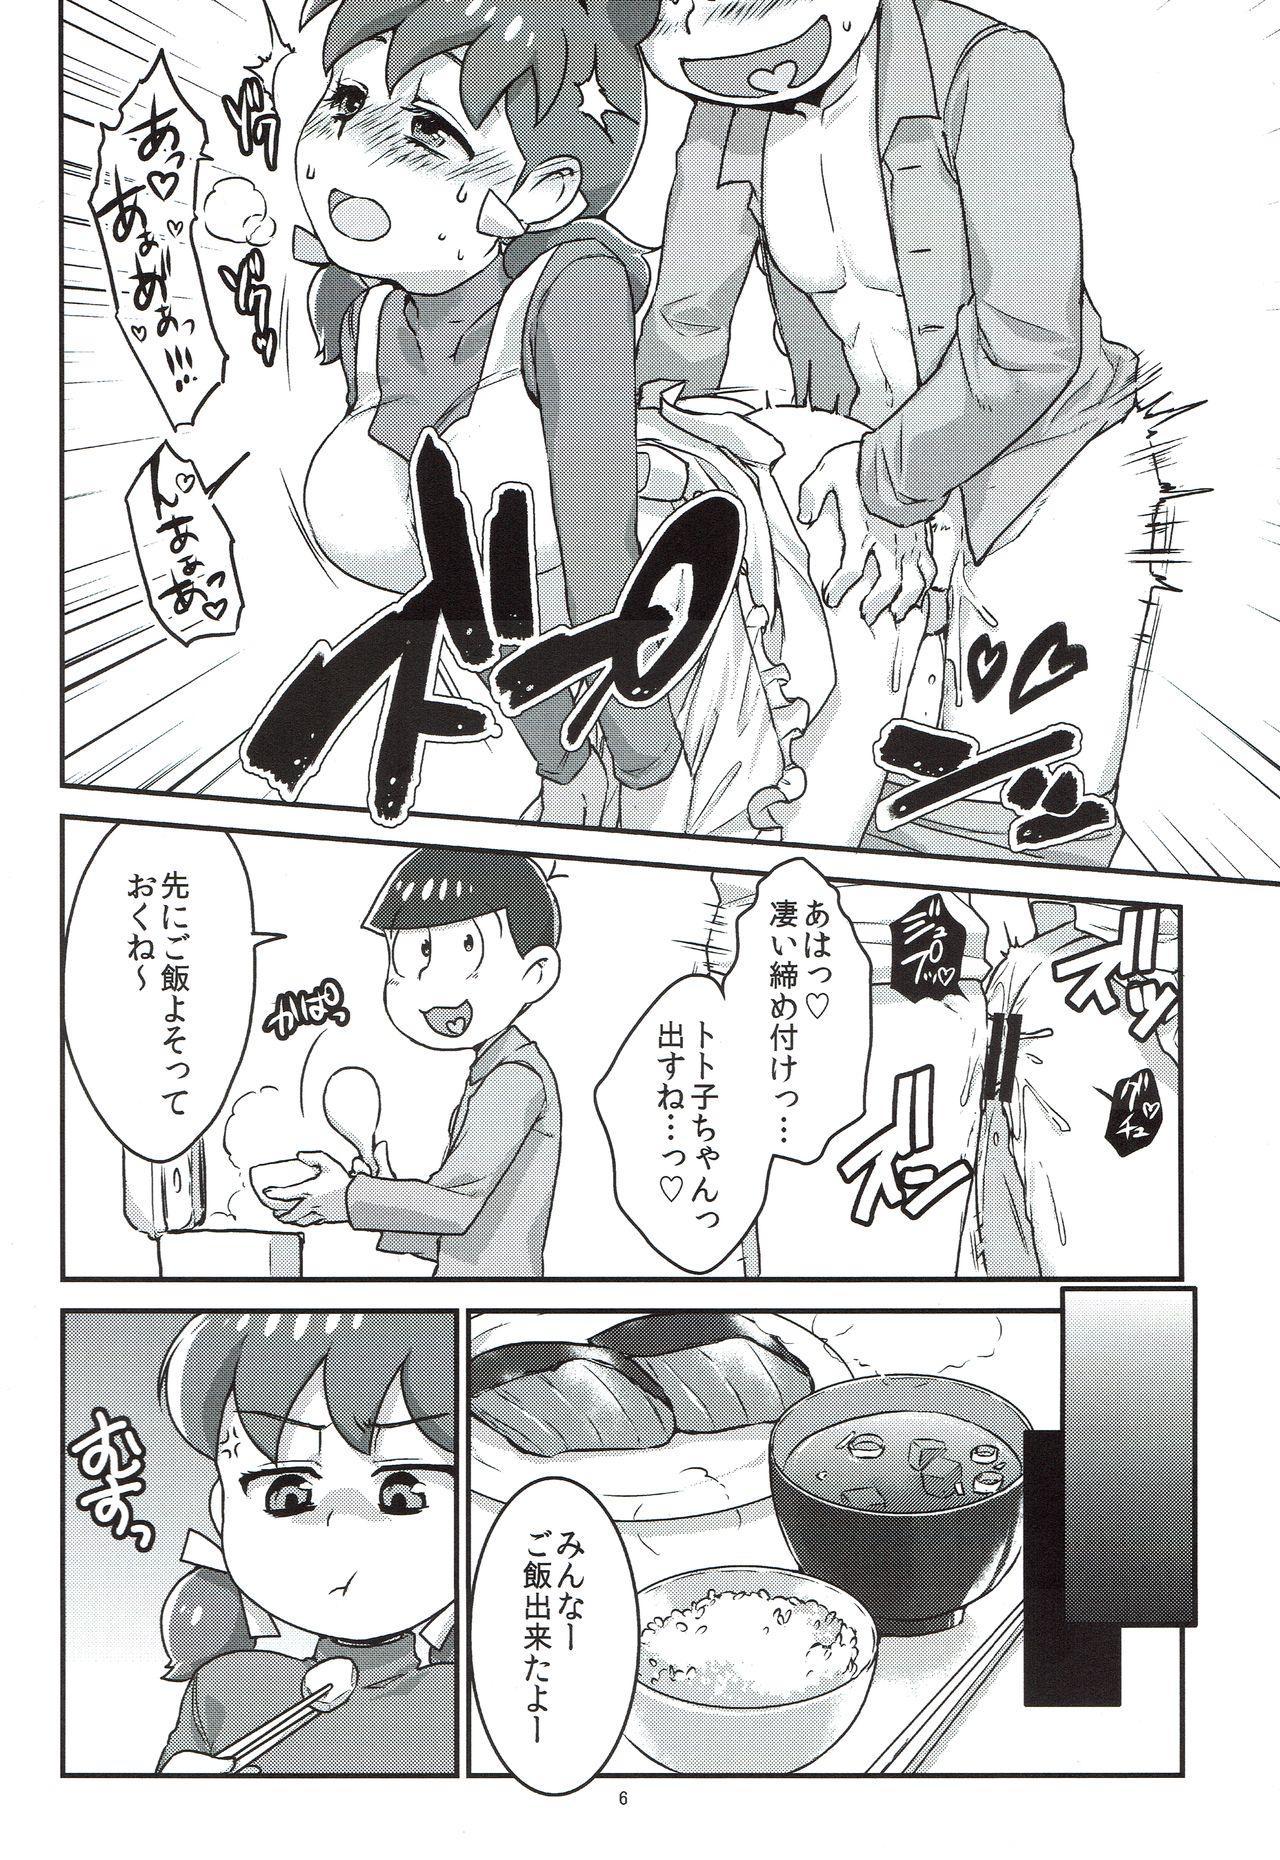 Mutsugo to Totoko-chan no Juukon Seikatsu 6